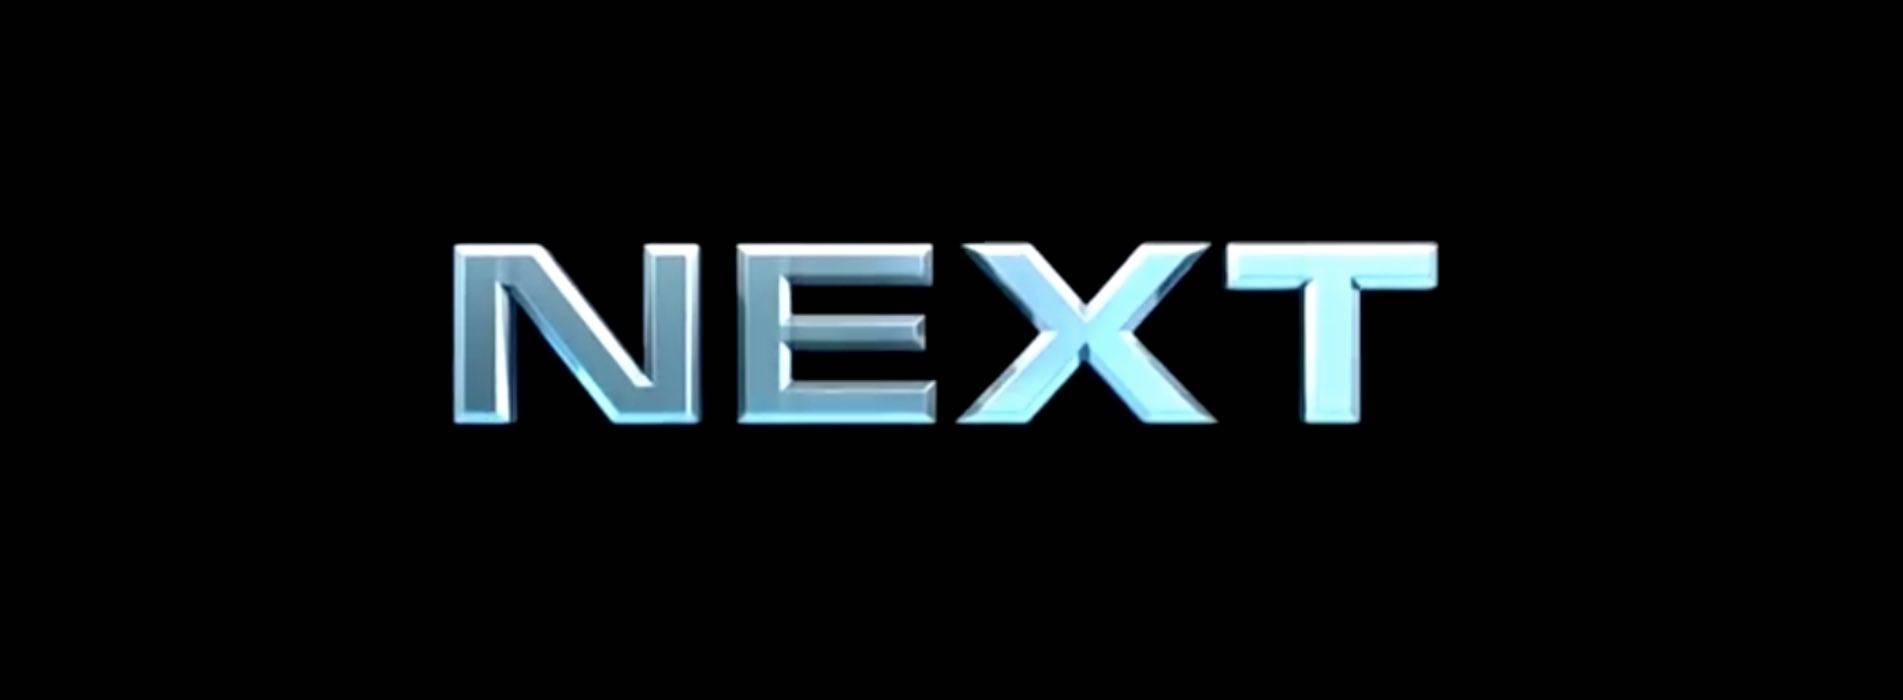 Next: info, trama, cast, trailer e curiosità del film con Nicolas Cage